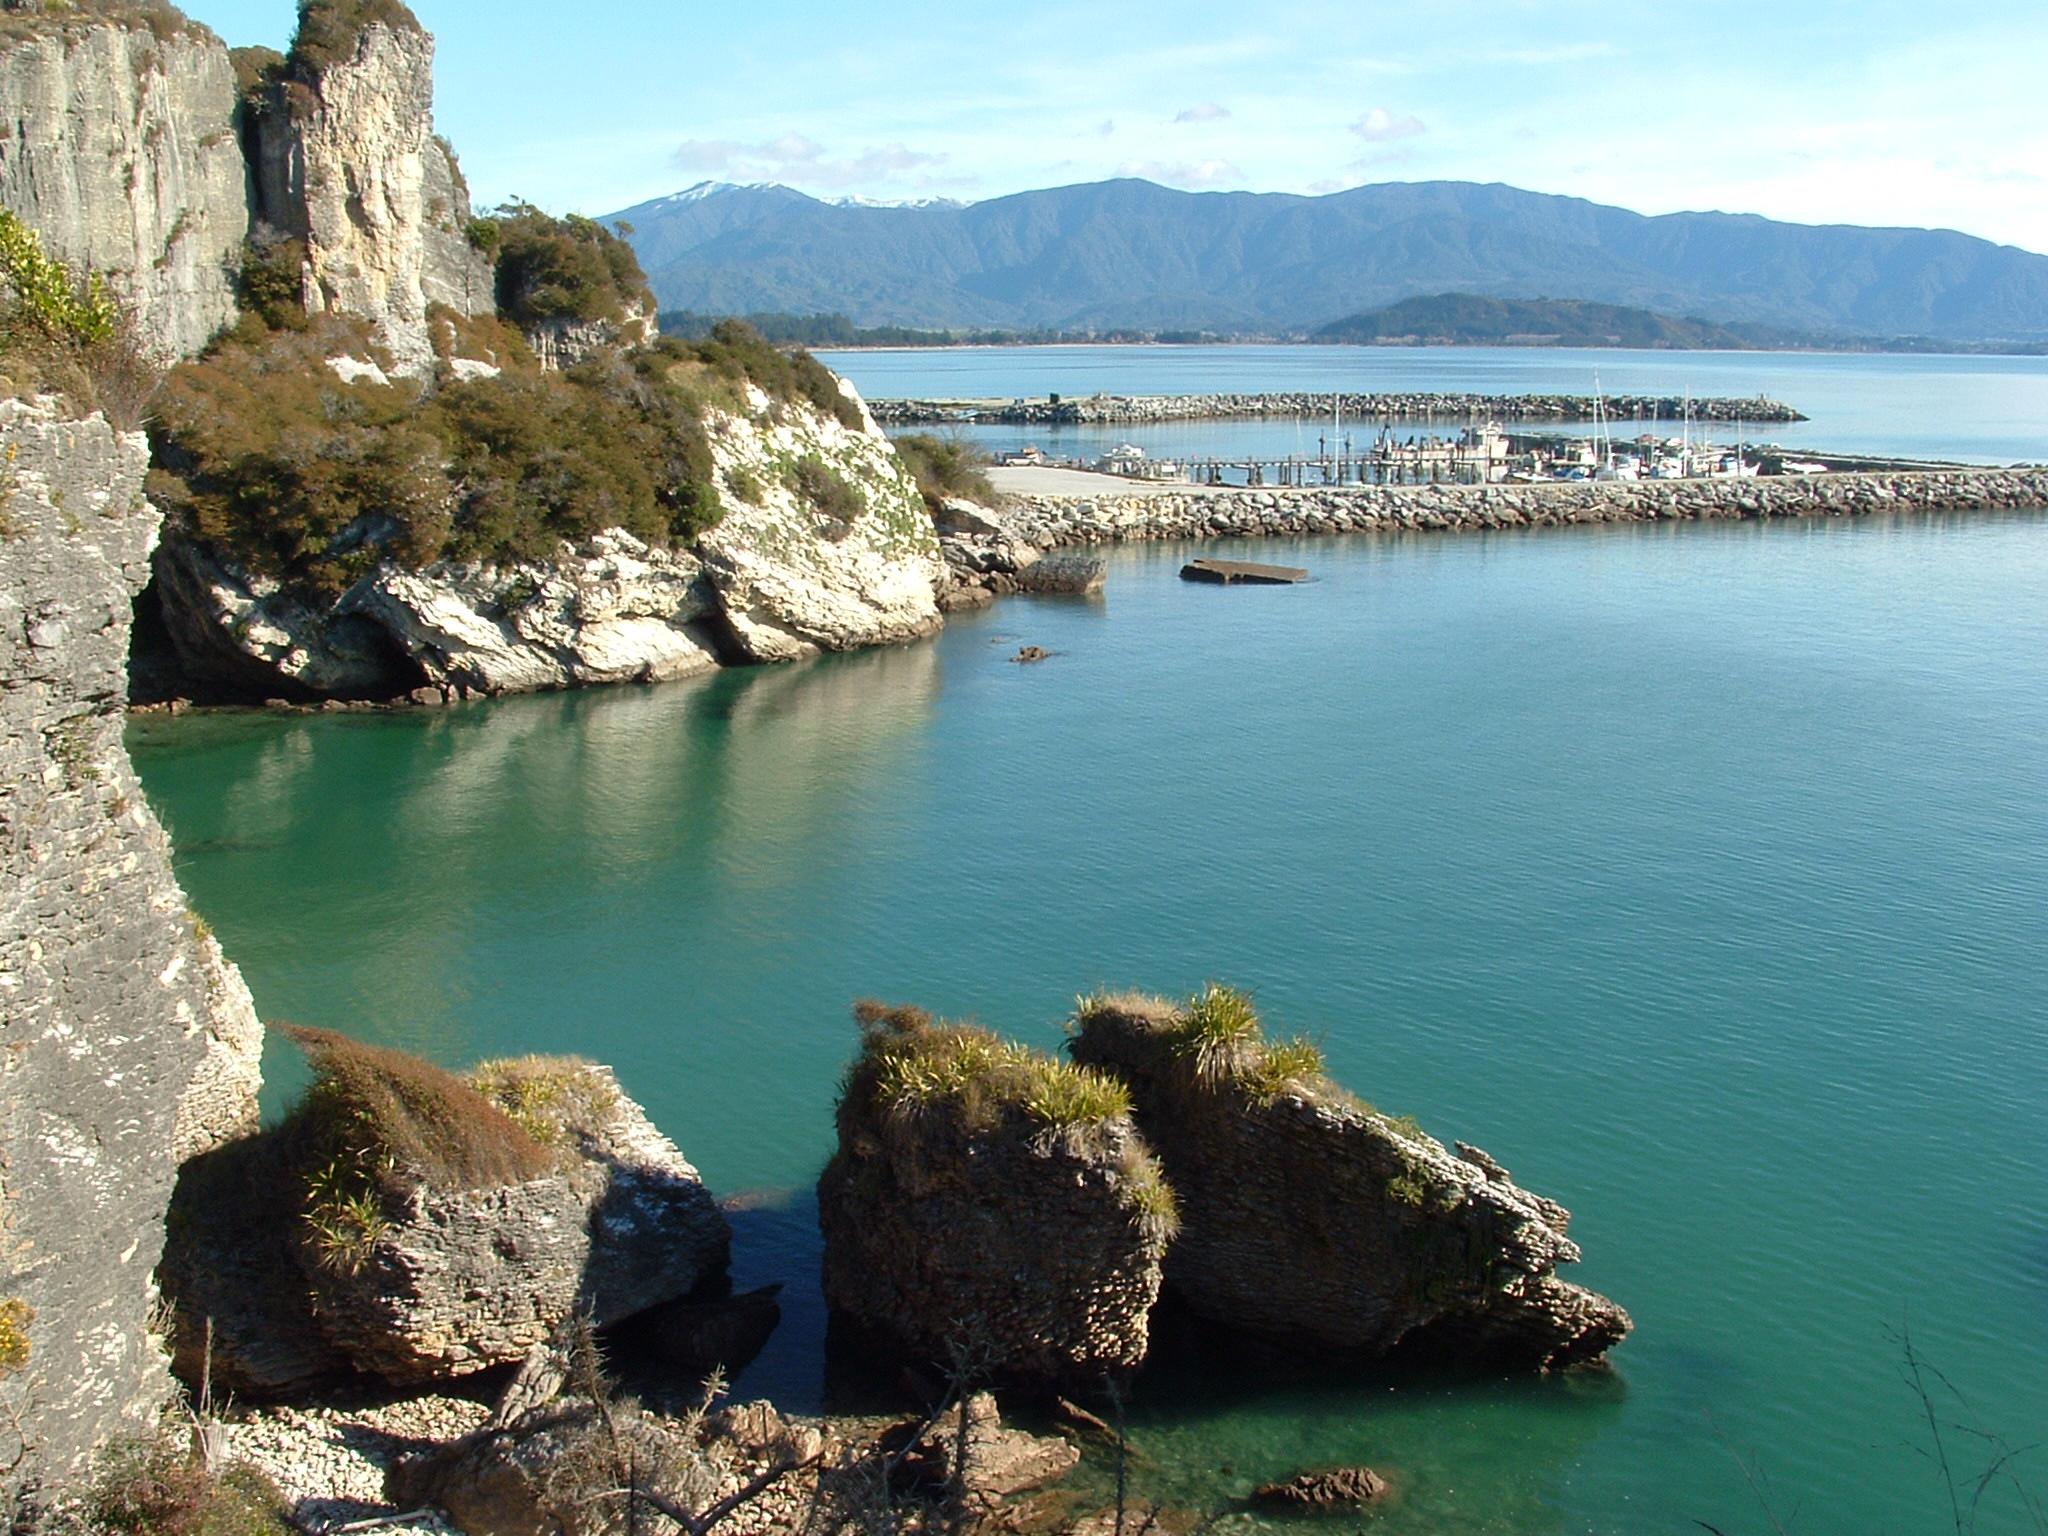 Golden Bay New Zealand  City pictures : Golden Bay, NZ | Hobbit Movie News and Rumors | TheOneRing.net™